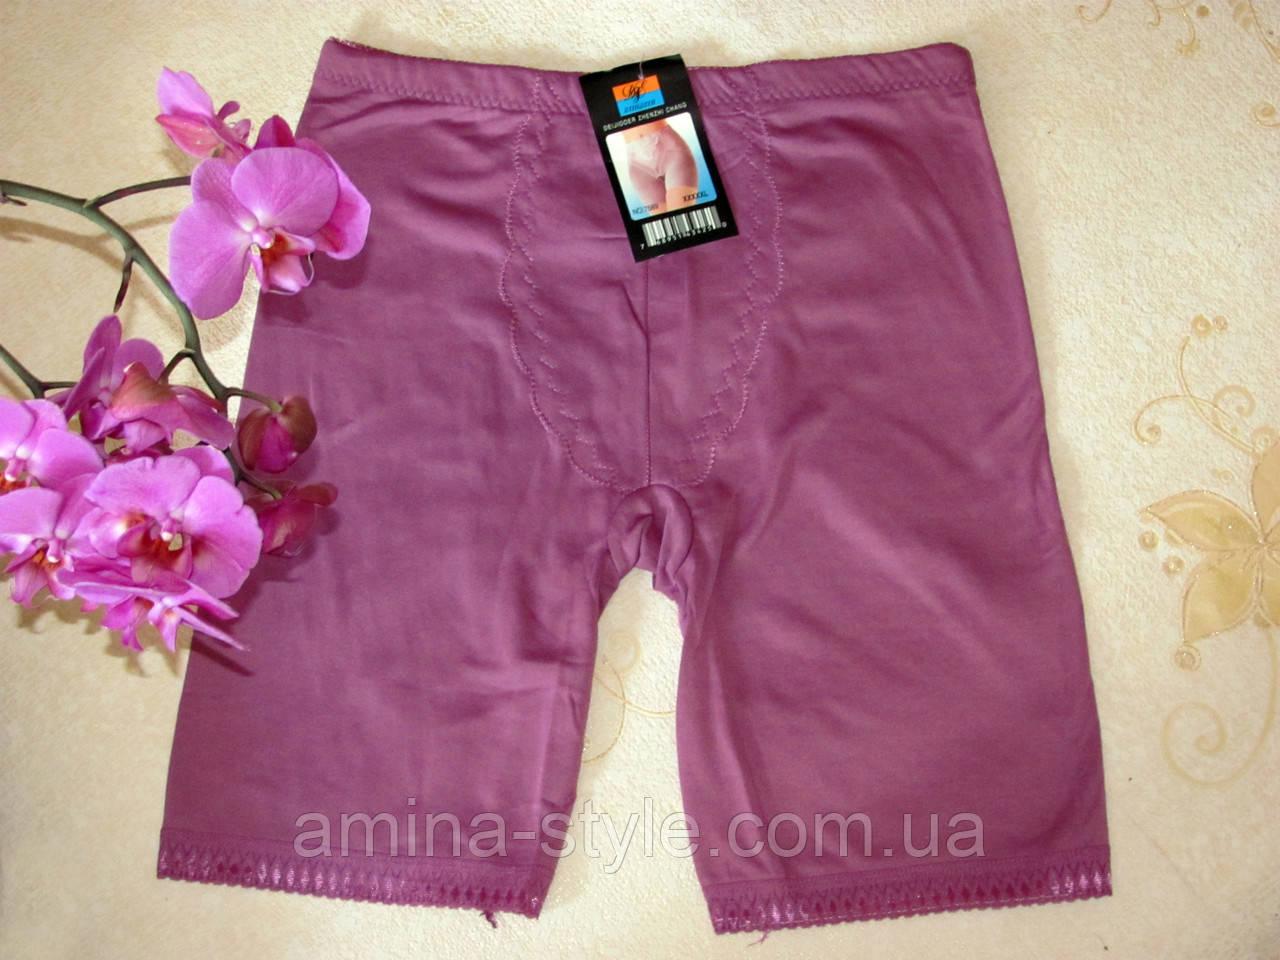 Труси, панталони жіночі Стяжка з трикотажу, розмір 48-54